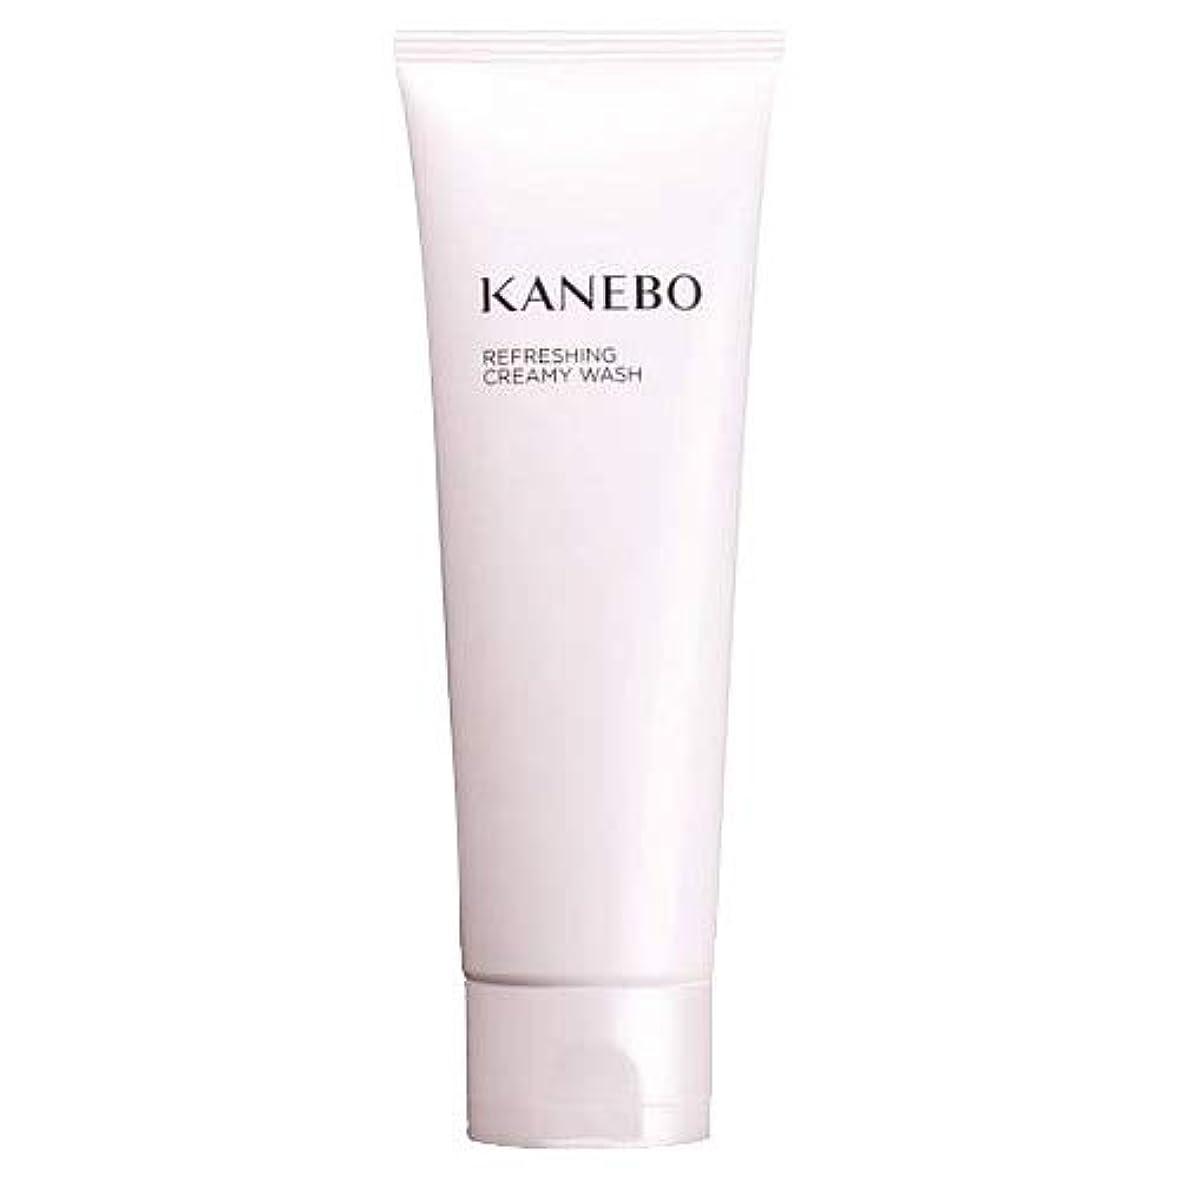 ヨーロッパ悪い遅滞カネボウ KANEBO 洗顔フォーム リフレッシングクリーミィウォッシュ 120ml :宅急便対応 送料無料 再入荷10 [並行輸入品]